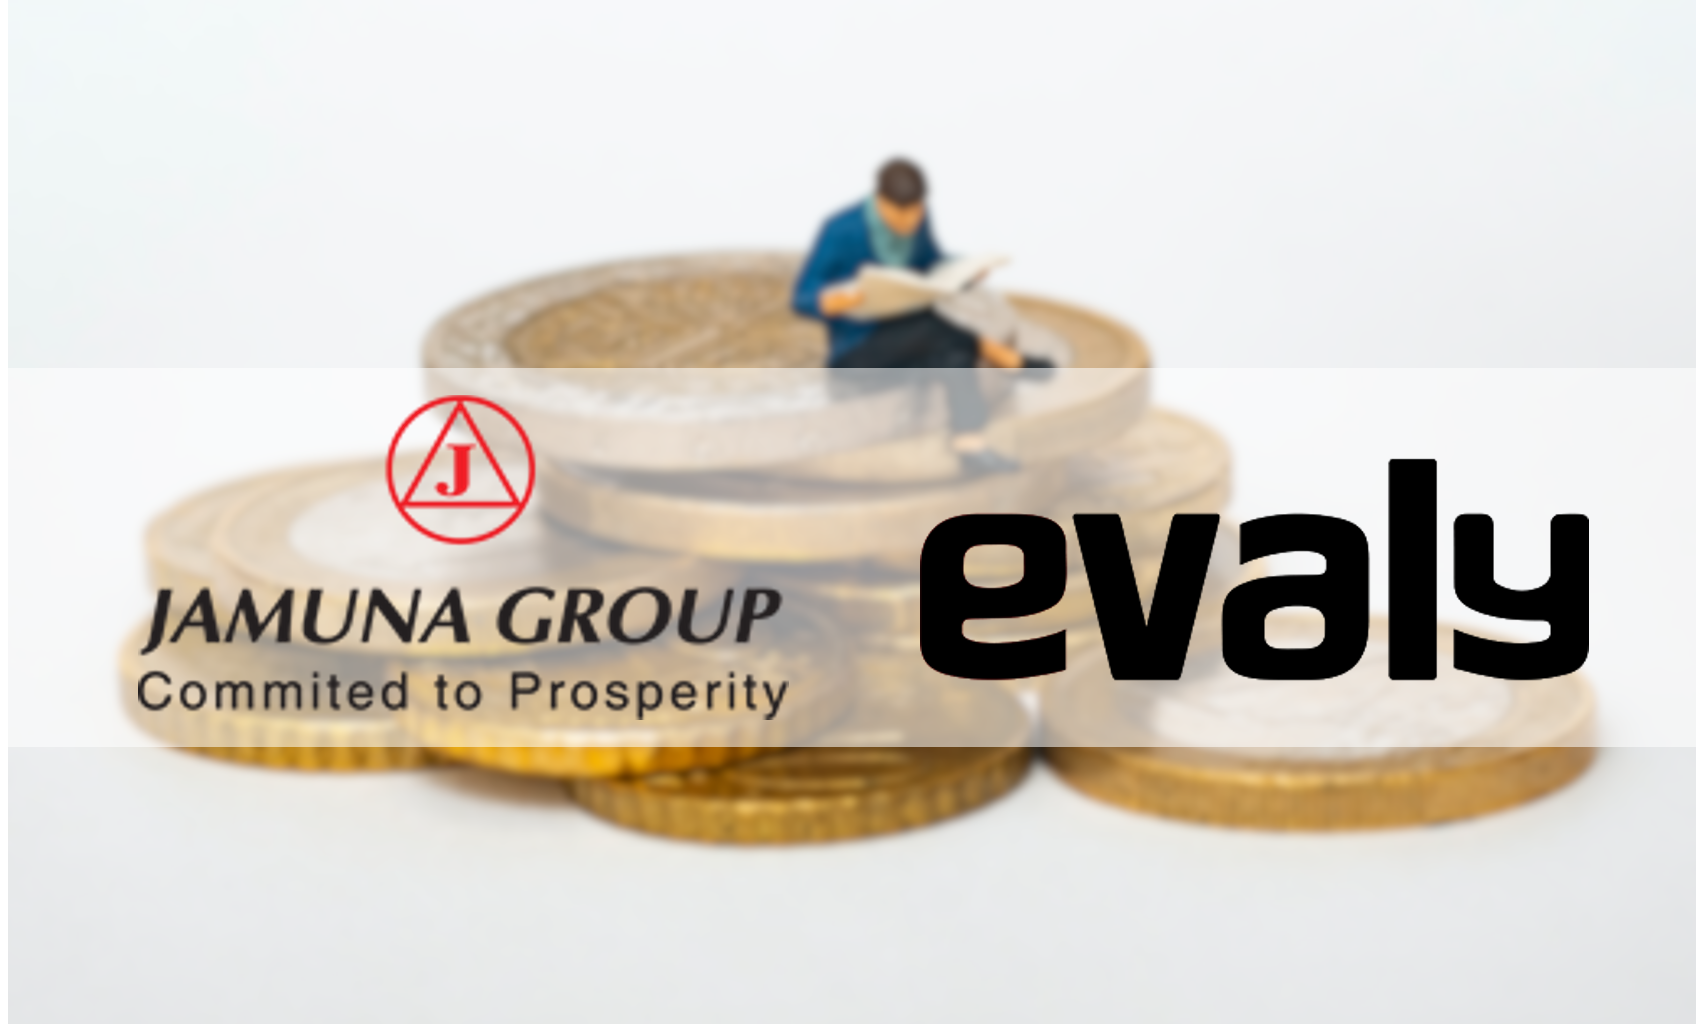 Evaly Jamuna Group